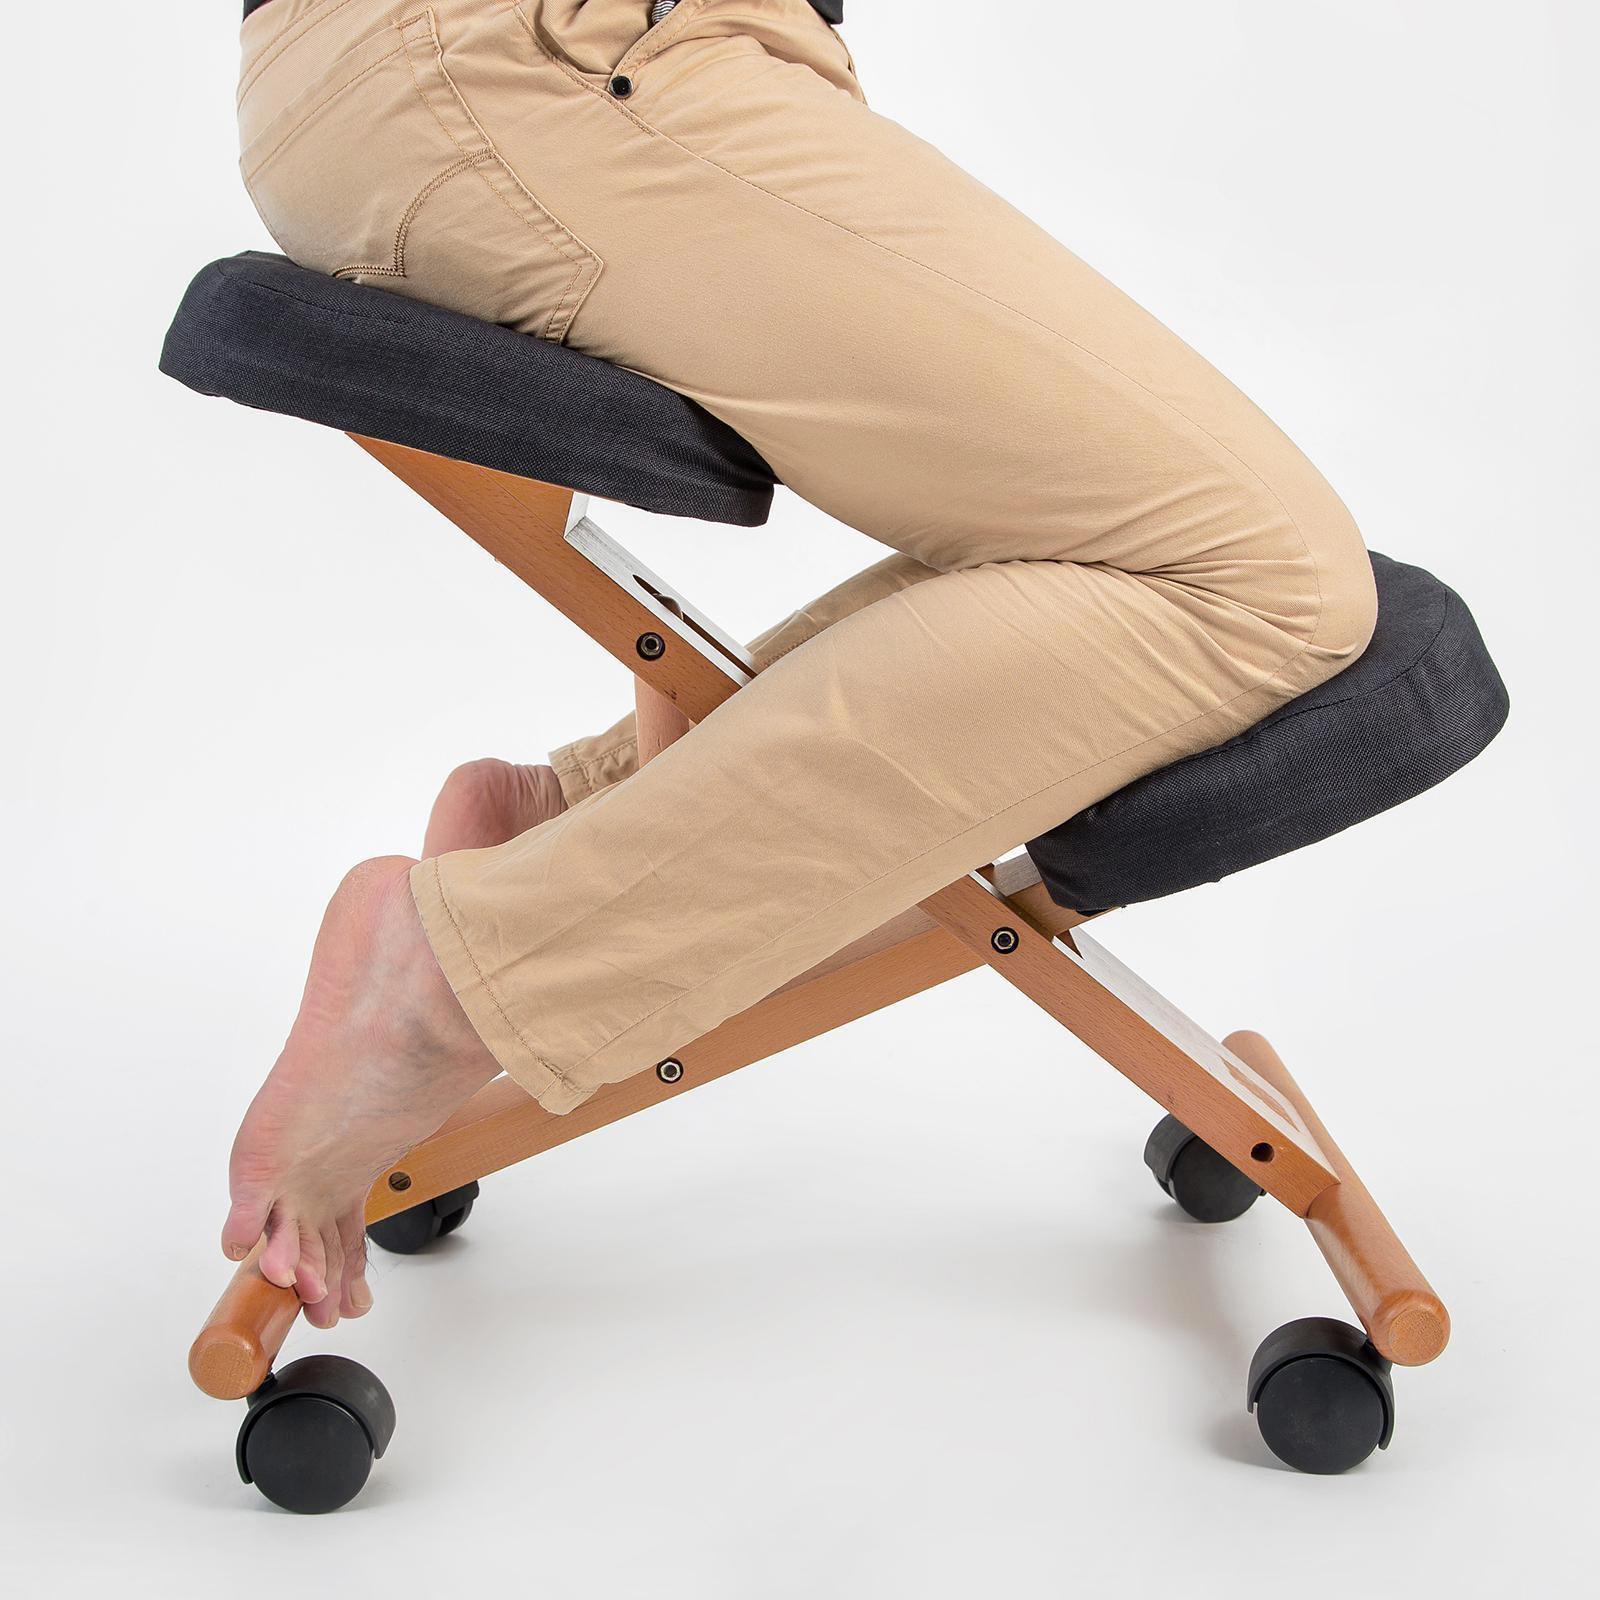 Ergonomic Kneeling Chair Black Forever Beauty